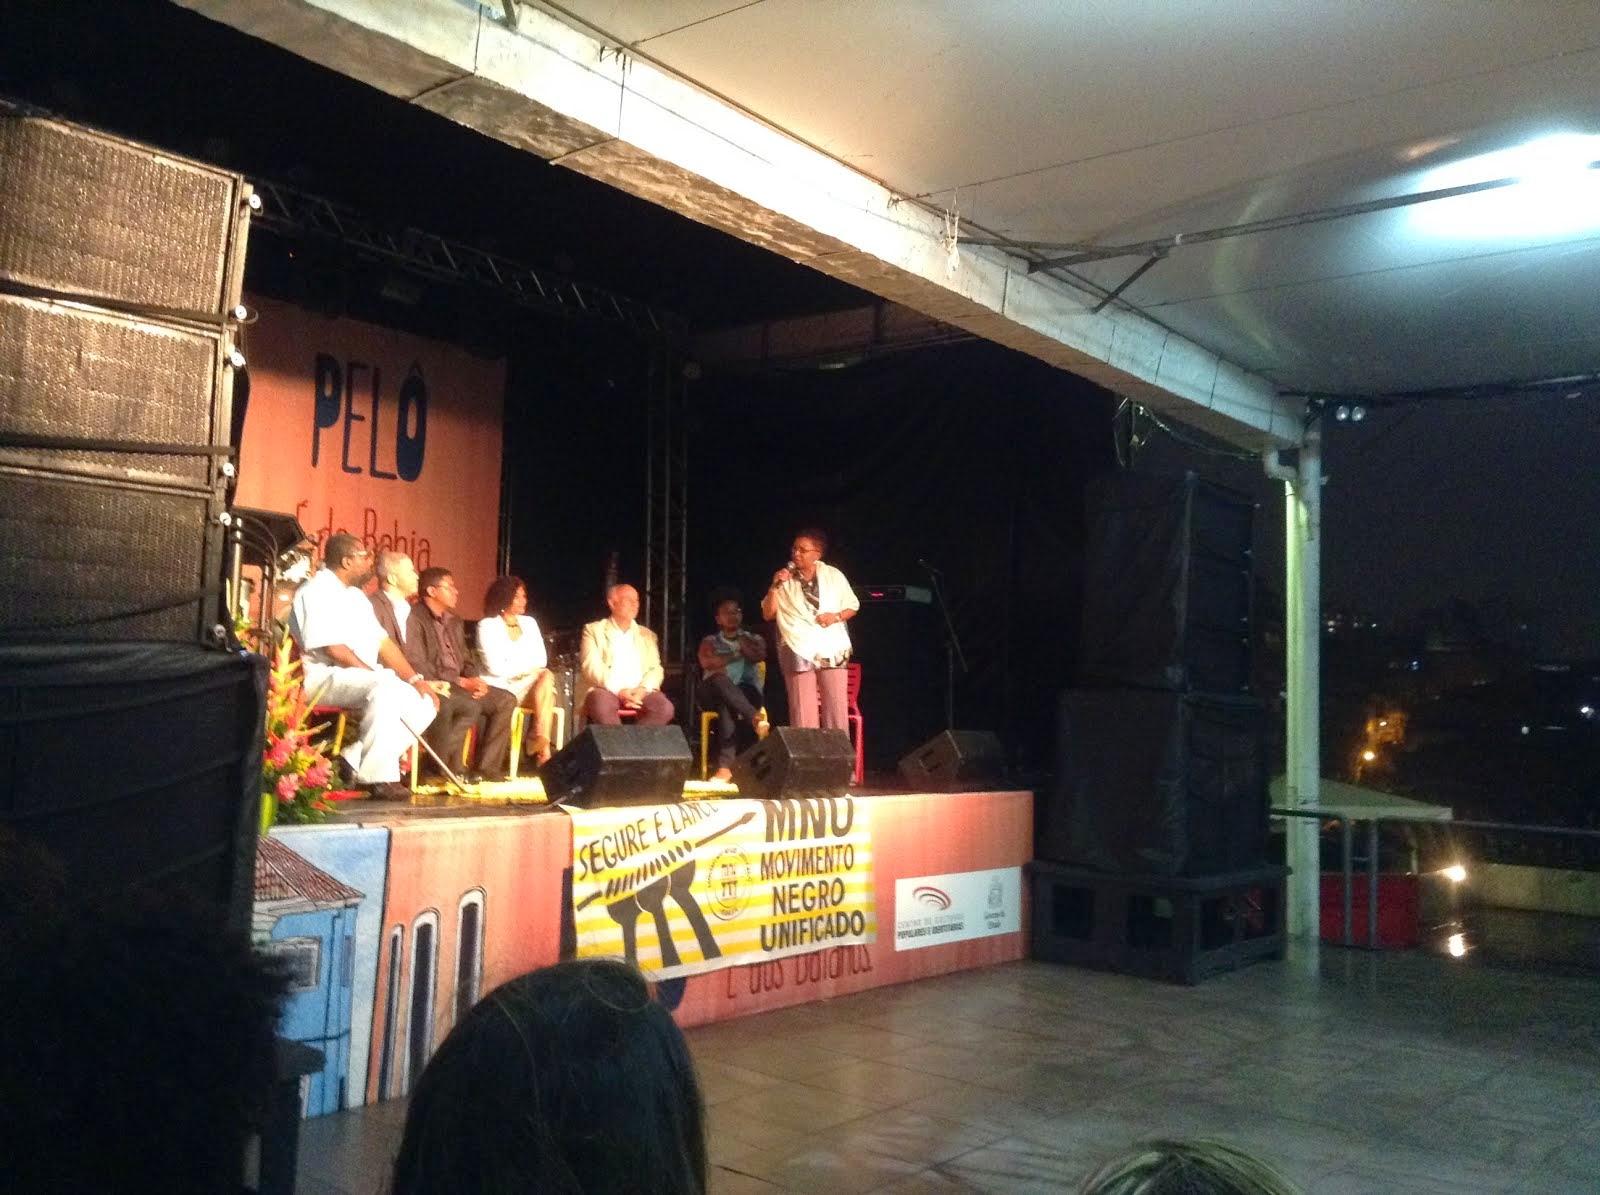 Ministra Luíza Bairros da SEPPIR na abertura do XVII Congresso Nacional do MNU em Salvador